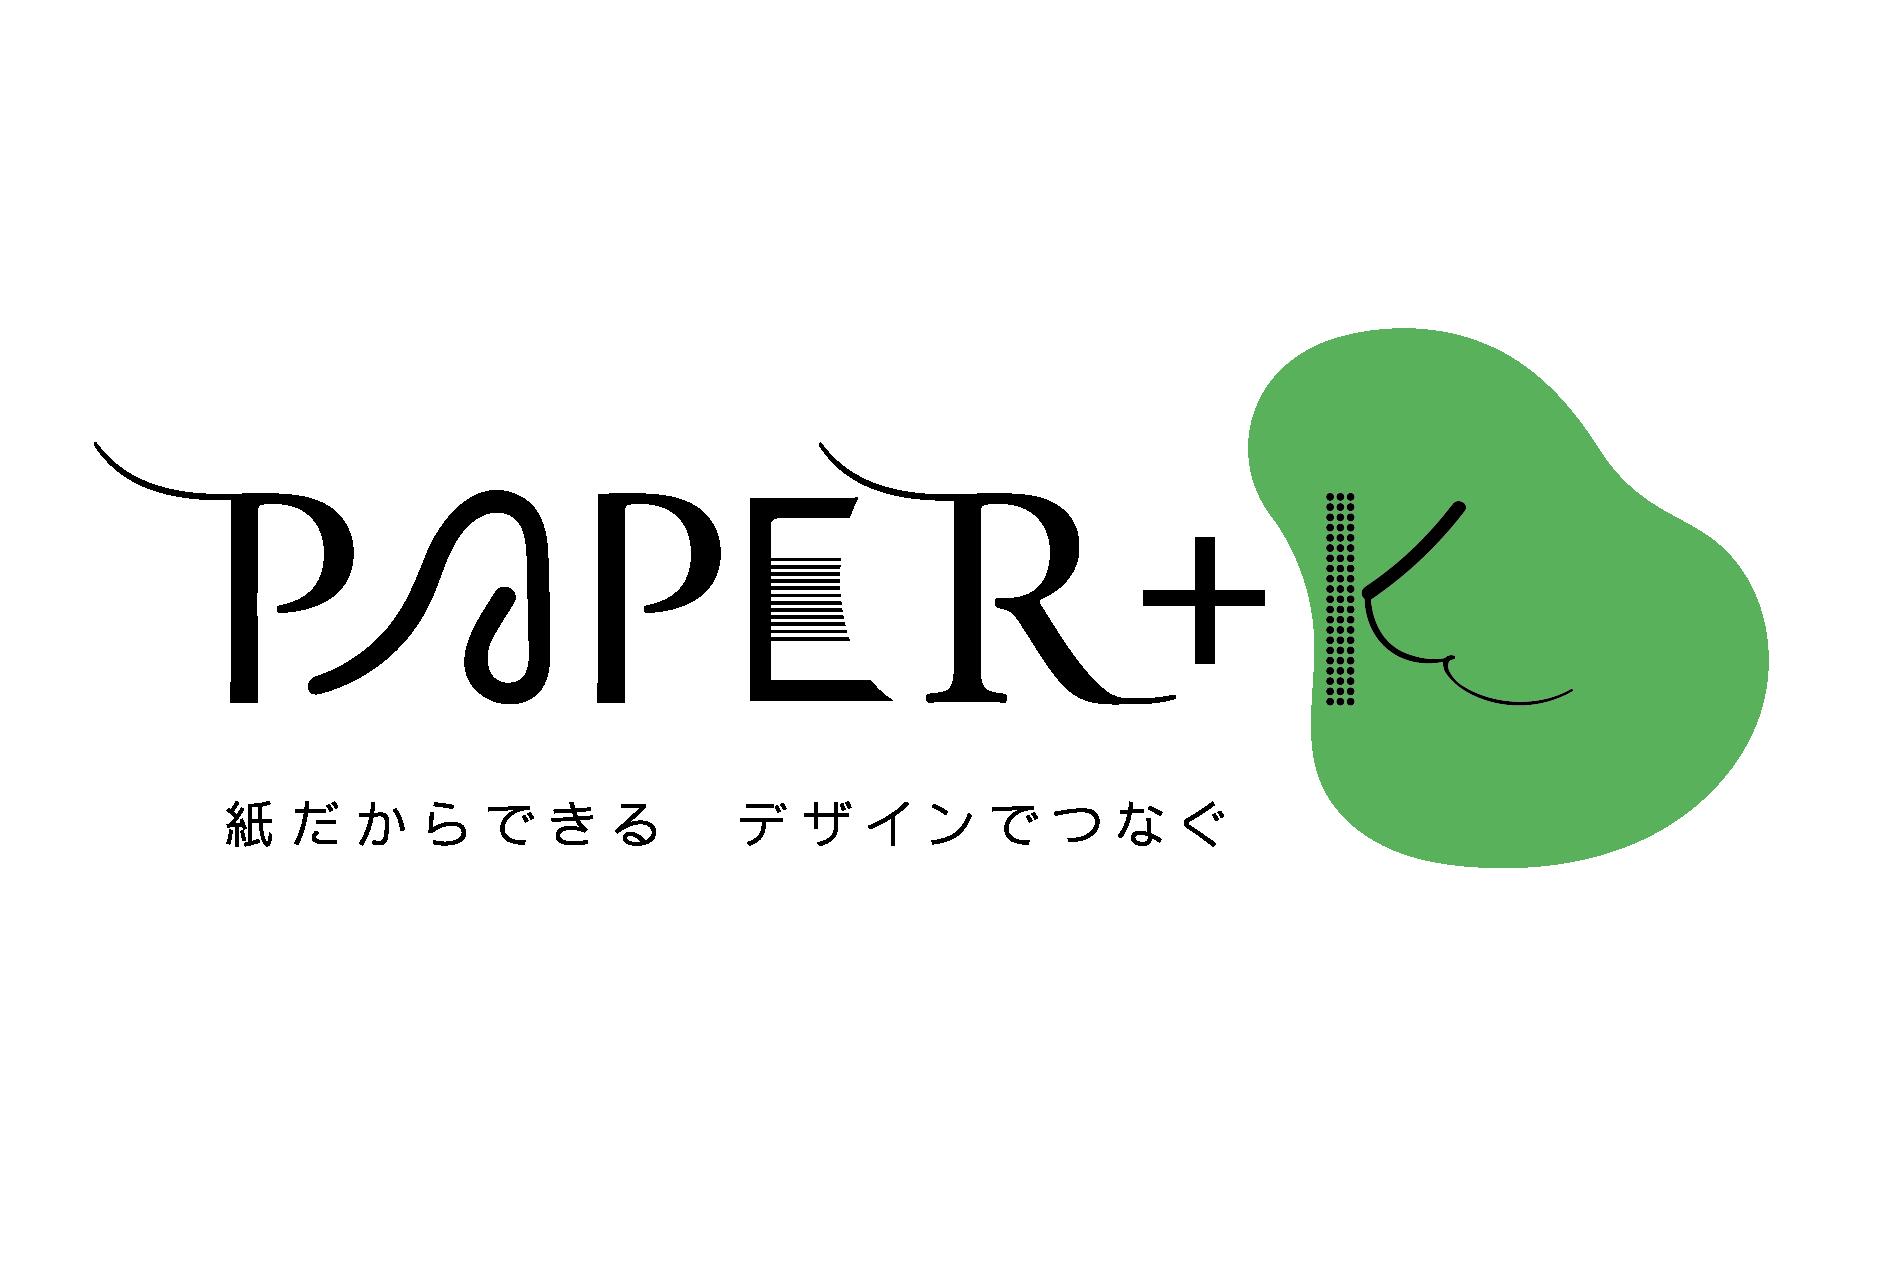 紙だからできること|PAPER+K(ペーパーク)プロジェクト